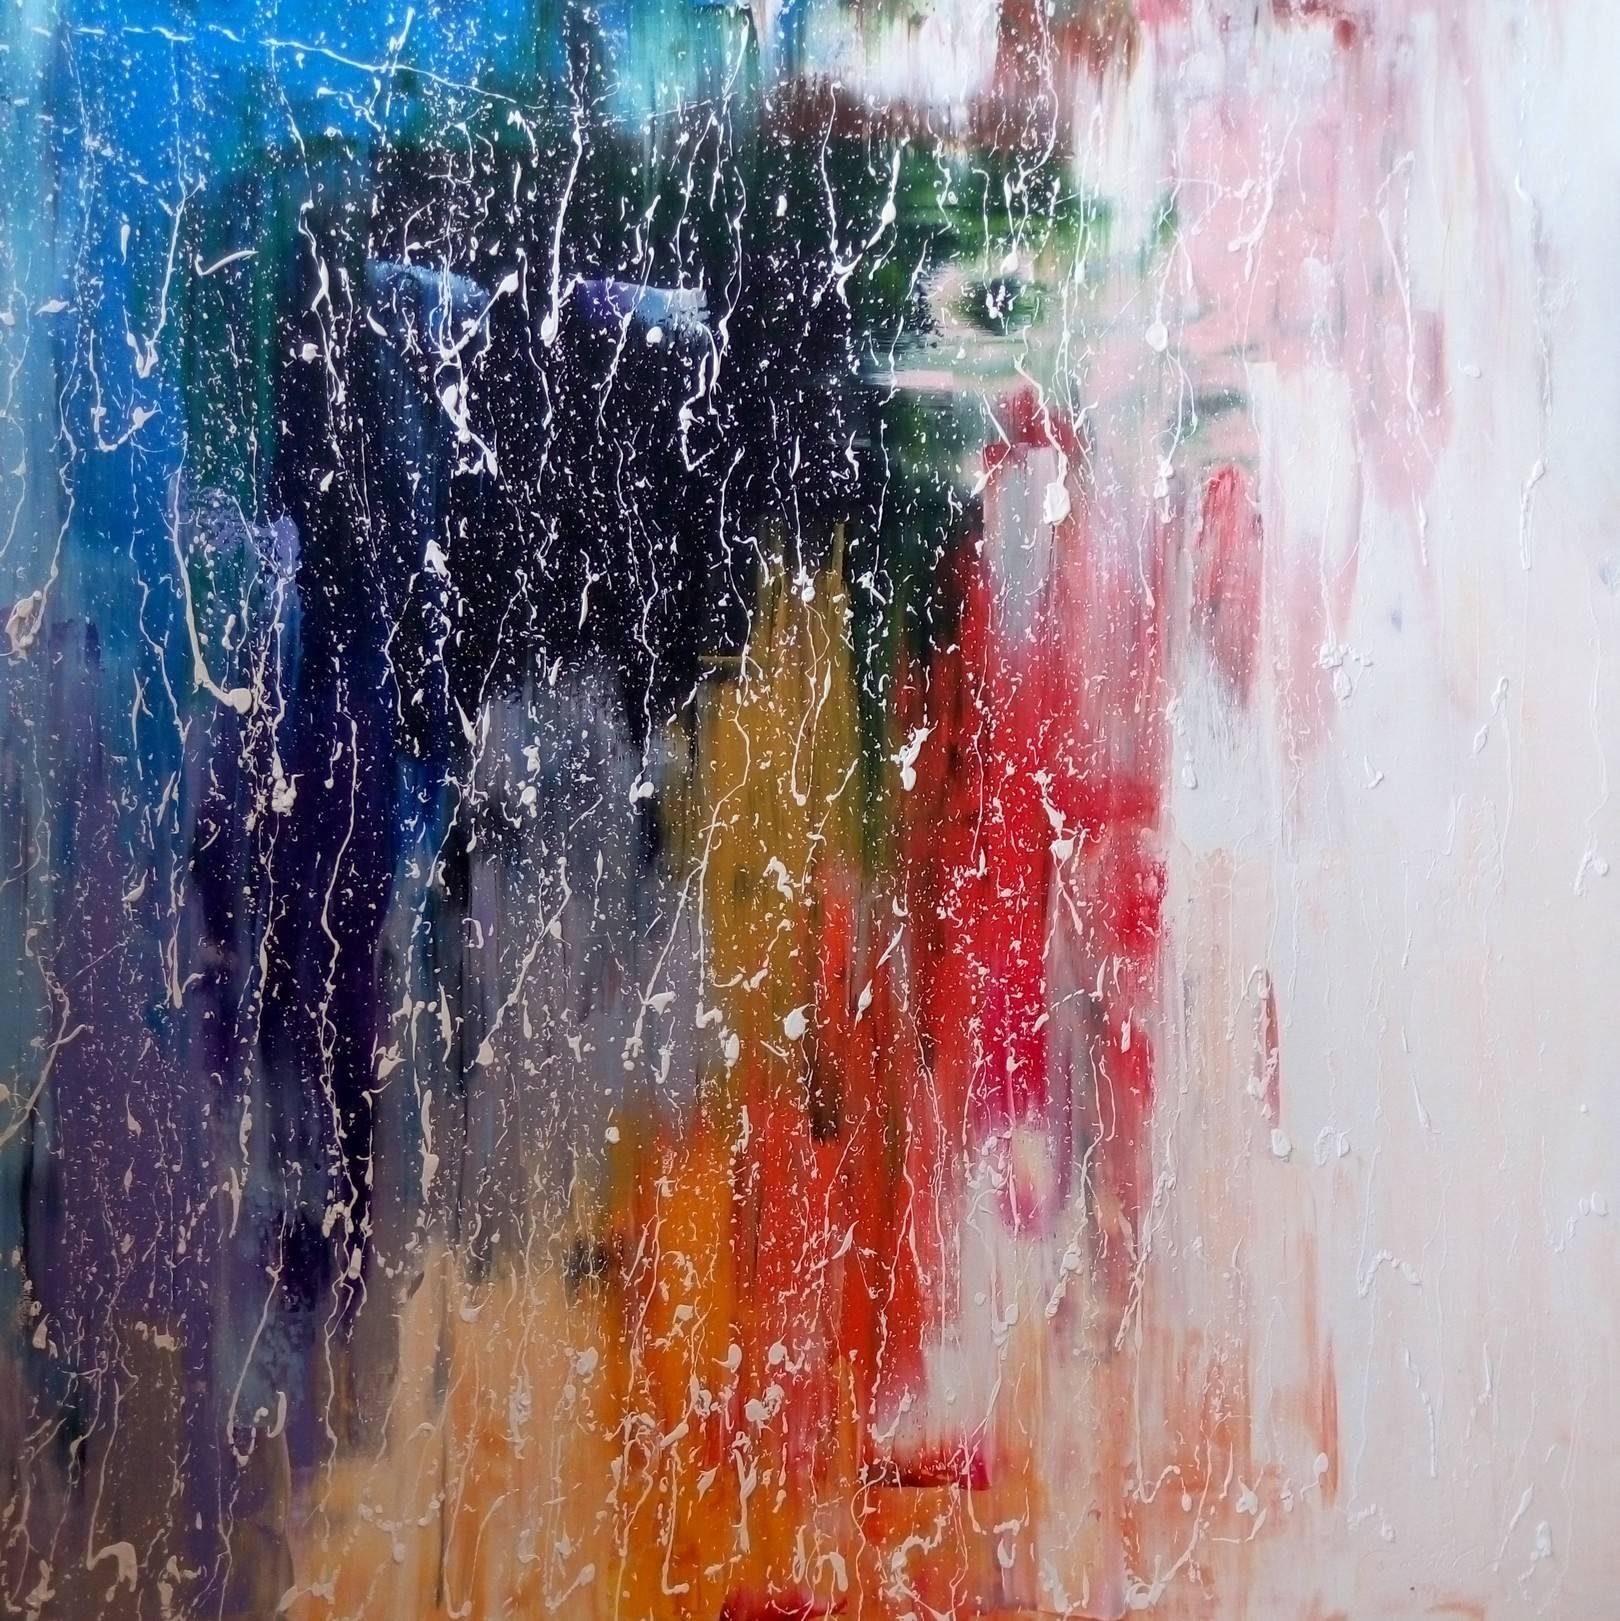 «Дождь за окном»                    холст, масло «Rain outside the window»       oil on canvas                                                      80x80,  2016